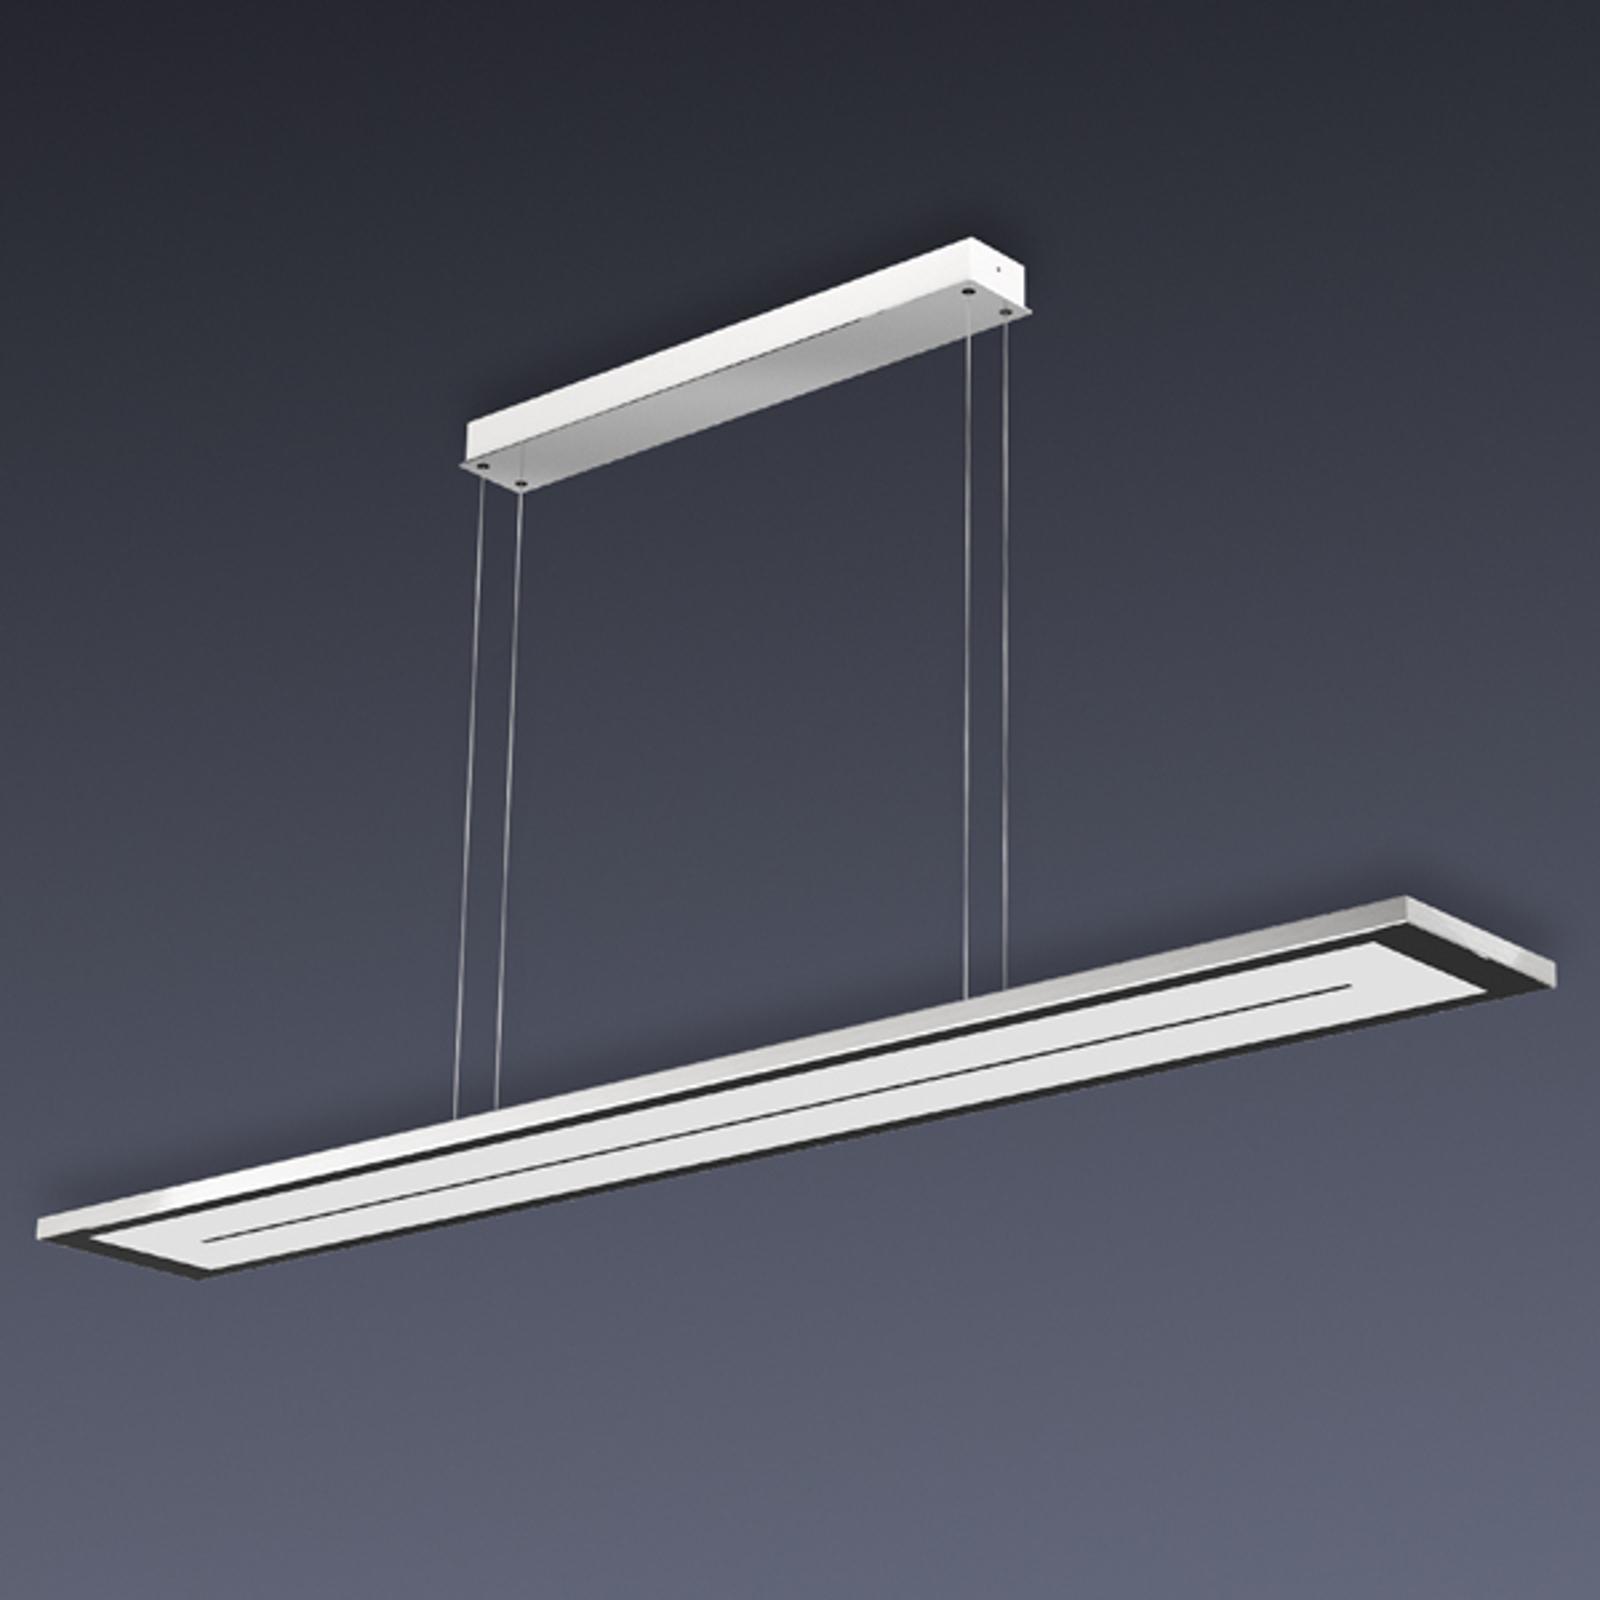 Dimbar LED-pendellampe Zen, 108 cm lang